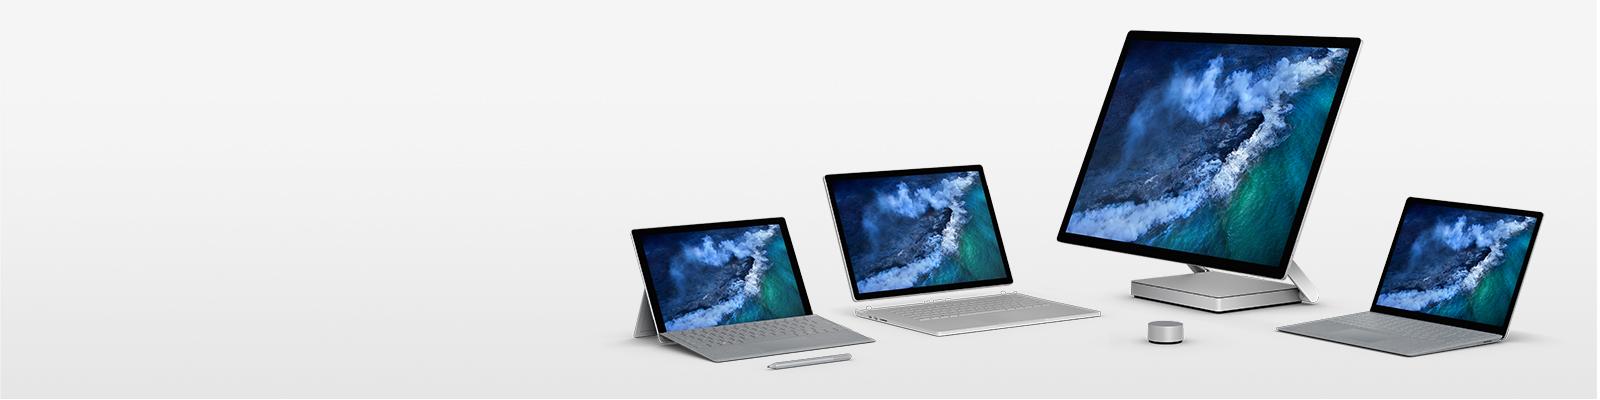 Surface Pro, Surface Laptop, Surface Book 2 en Surface Studio getoond met Surface-pen en Surface Dial